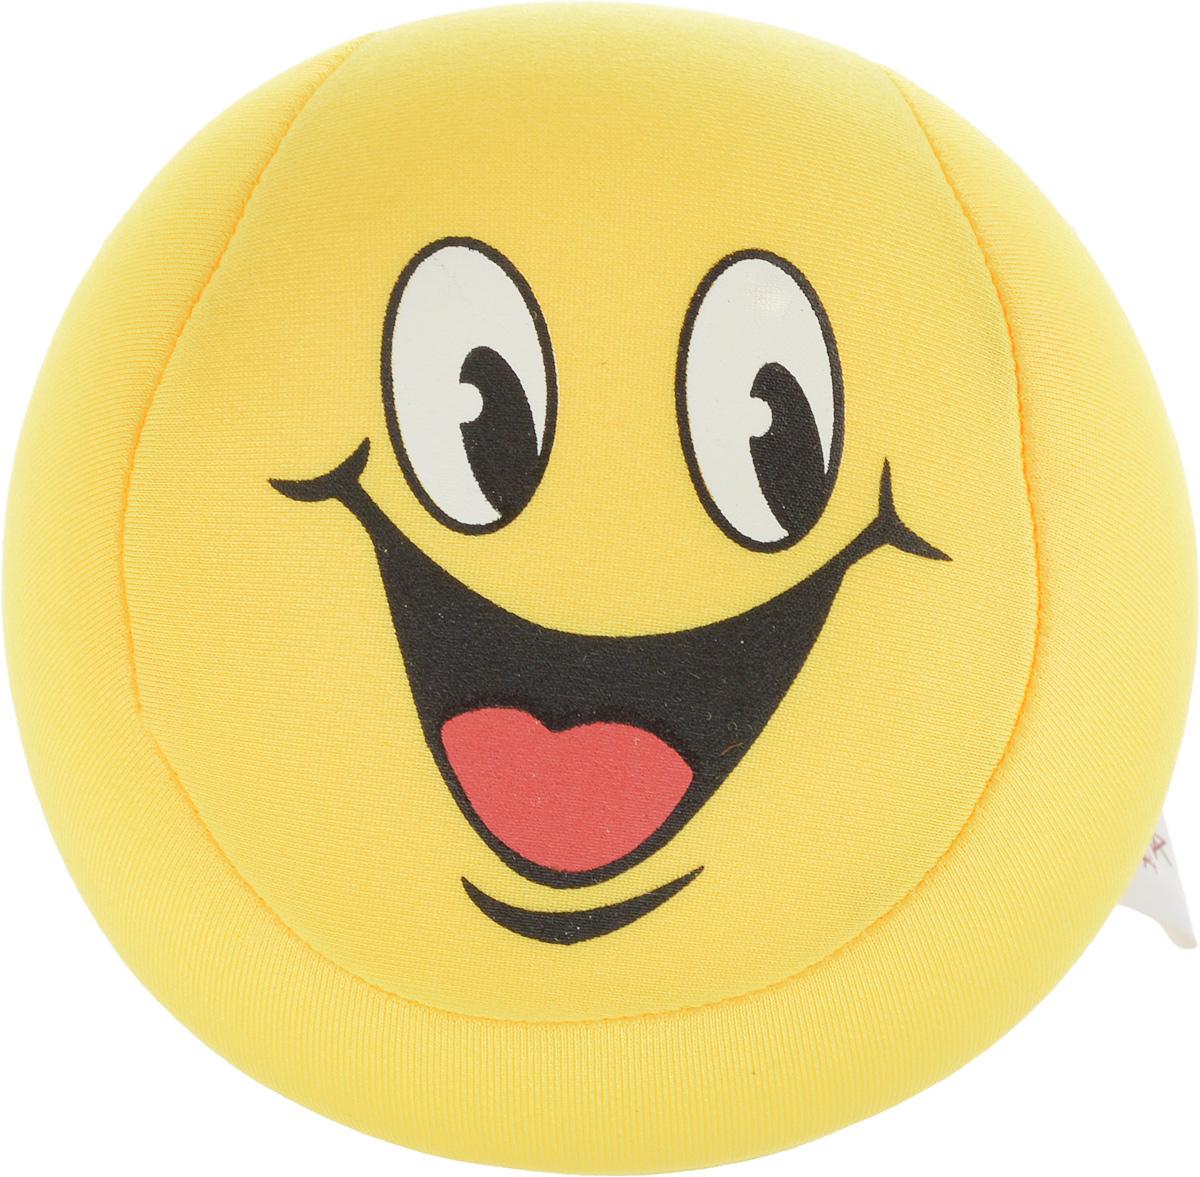 Игрушка-антистресс Home Queen Смайлик, цвет: желтый, диаметр 10 см70062_желтыйИгрушка-антистресс Home Queen Смайлик способна стать аккумулятором хорошего настроения. Игрушка выполнена из трикотажной ткани в виде веселого смайлика, внутри - наполнитель из полистирола. Игрушка легкая, упругая, как бы вы ее ни сжимали, она неизменно возвращает себе первоначальную форму. Тысячи мельчайших гранул полистирола создают поистине волшебный релаксирующий эффект. Такая игрушка - идеальный рецепт хорошего настроения! Она подходит абсолютно всем, поскольку не вызывает аллергии. Уважаемые клиенты! Обращаем ваше внимание на возможные изменения в дизайне товара, рисунок на игрушке может отличаться от изображенного на фотографии. Поставка осуществляется в зависимости от наличия на складе.